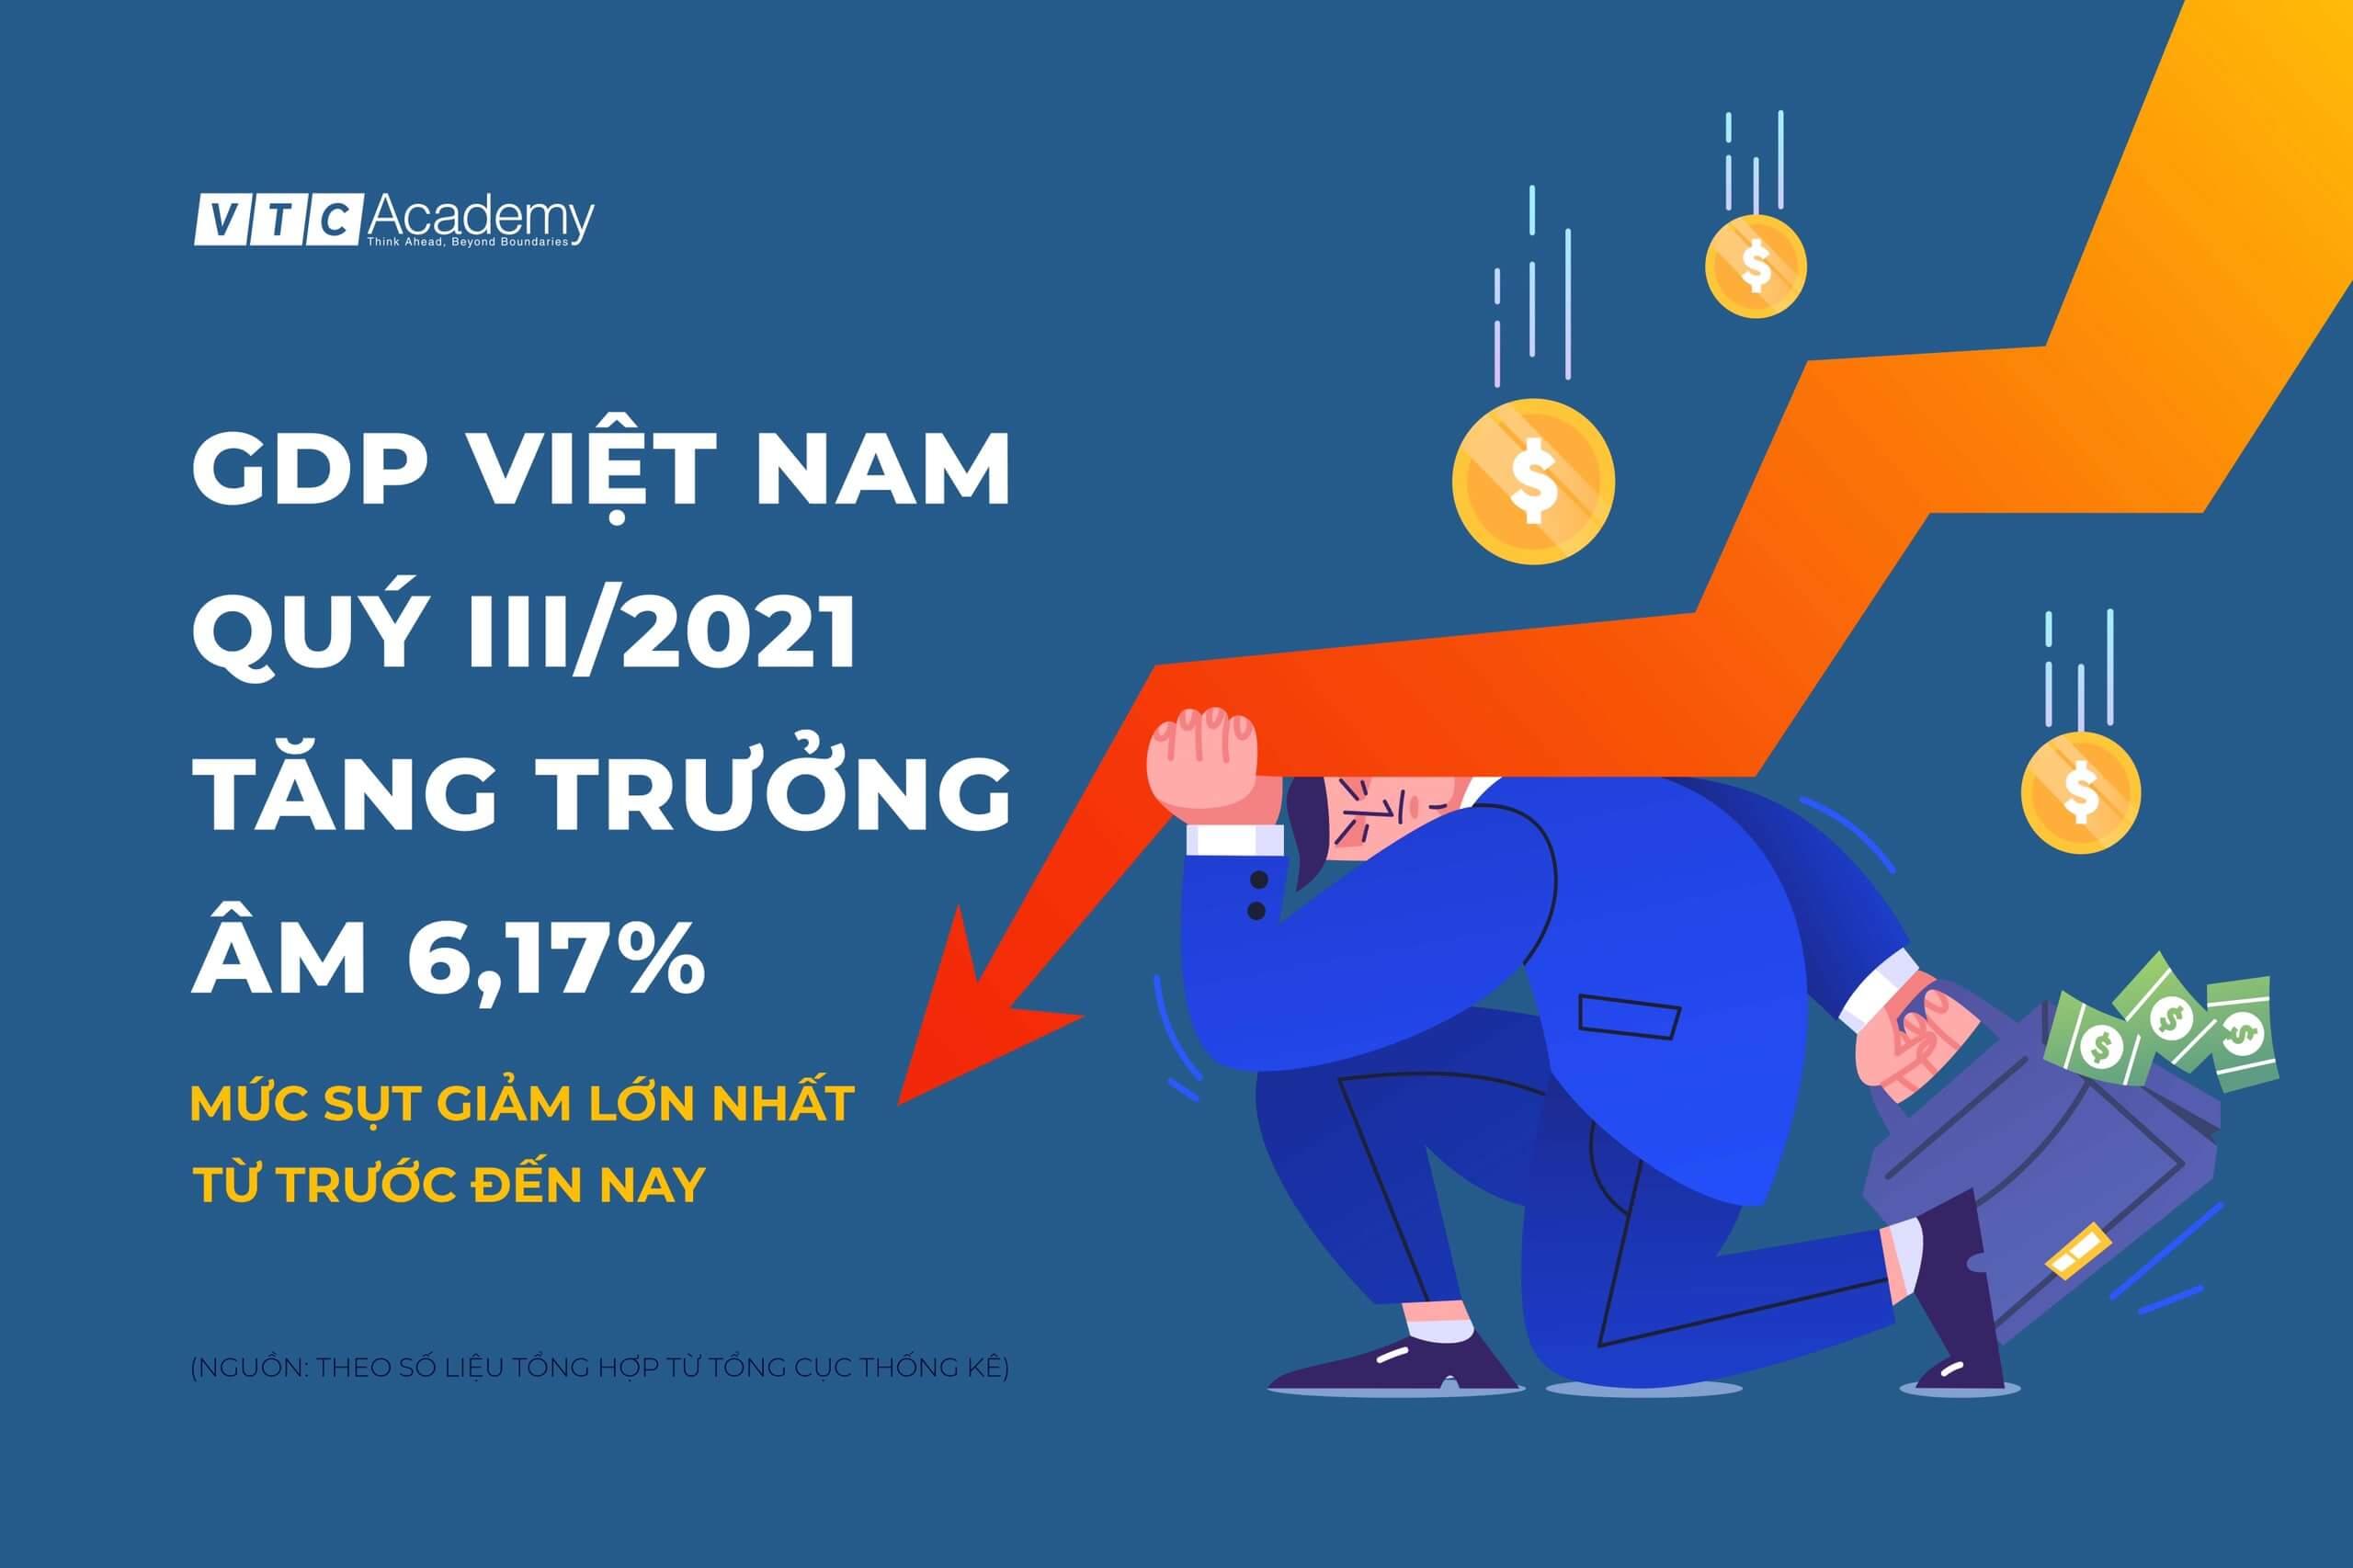 GDP VIỆT NAM QUÝ III/2021 TĂNG TRƯỞNG ÂM 6,17% – MỨC GIẢM SÂU NHẤT TỪ TRƯỚC ĐẾN NAY